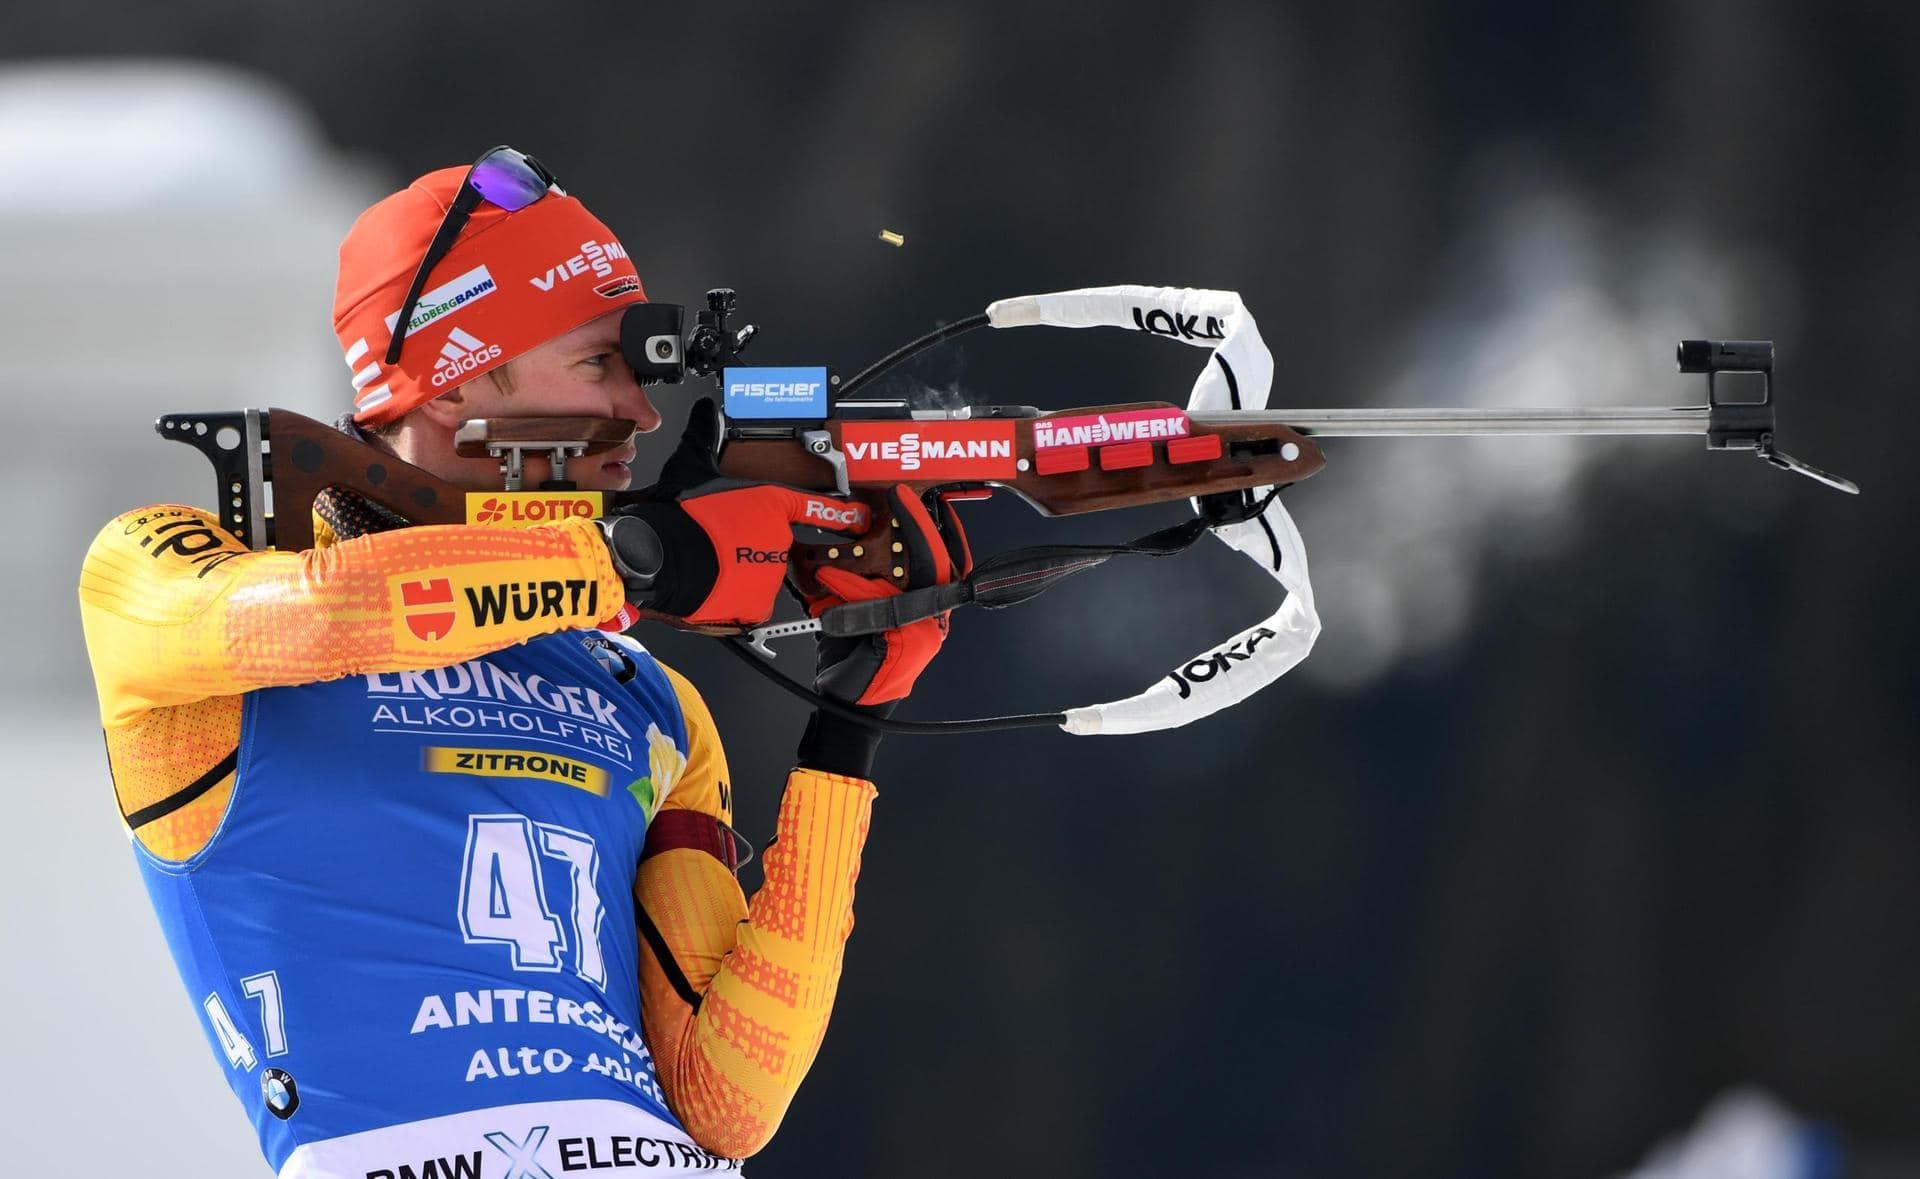 Preuß Sprint-Dritte in Hochfilzen Doll und Lesser in Top Ten Biathlon-Weltcup